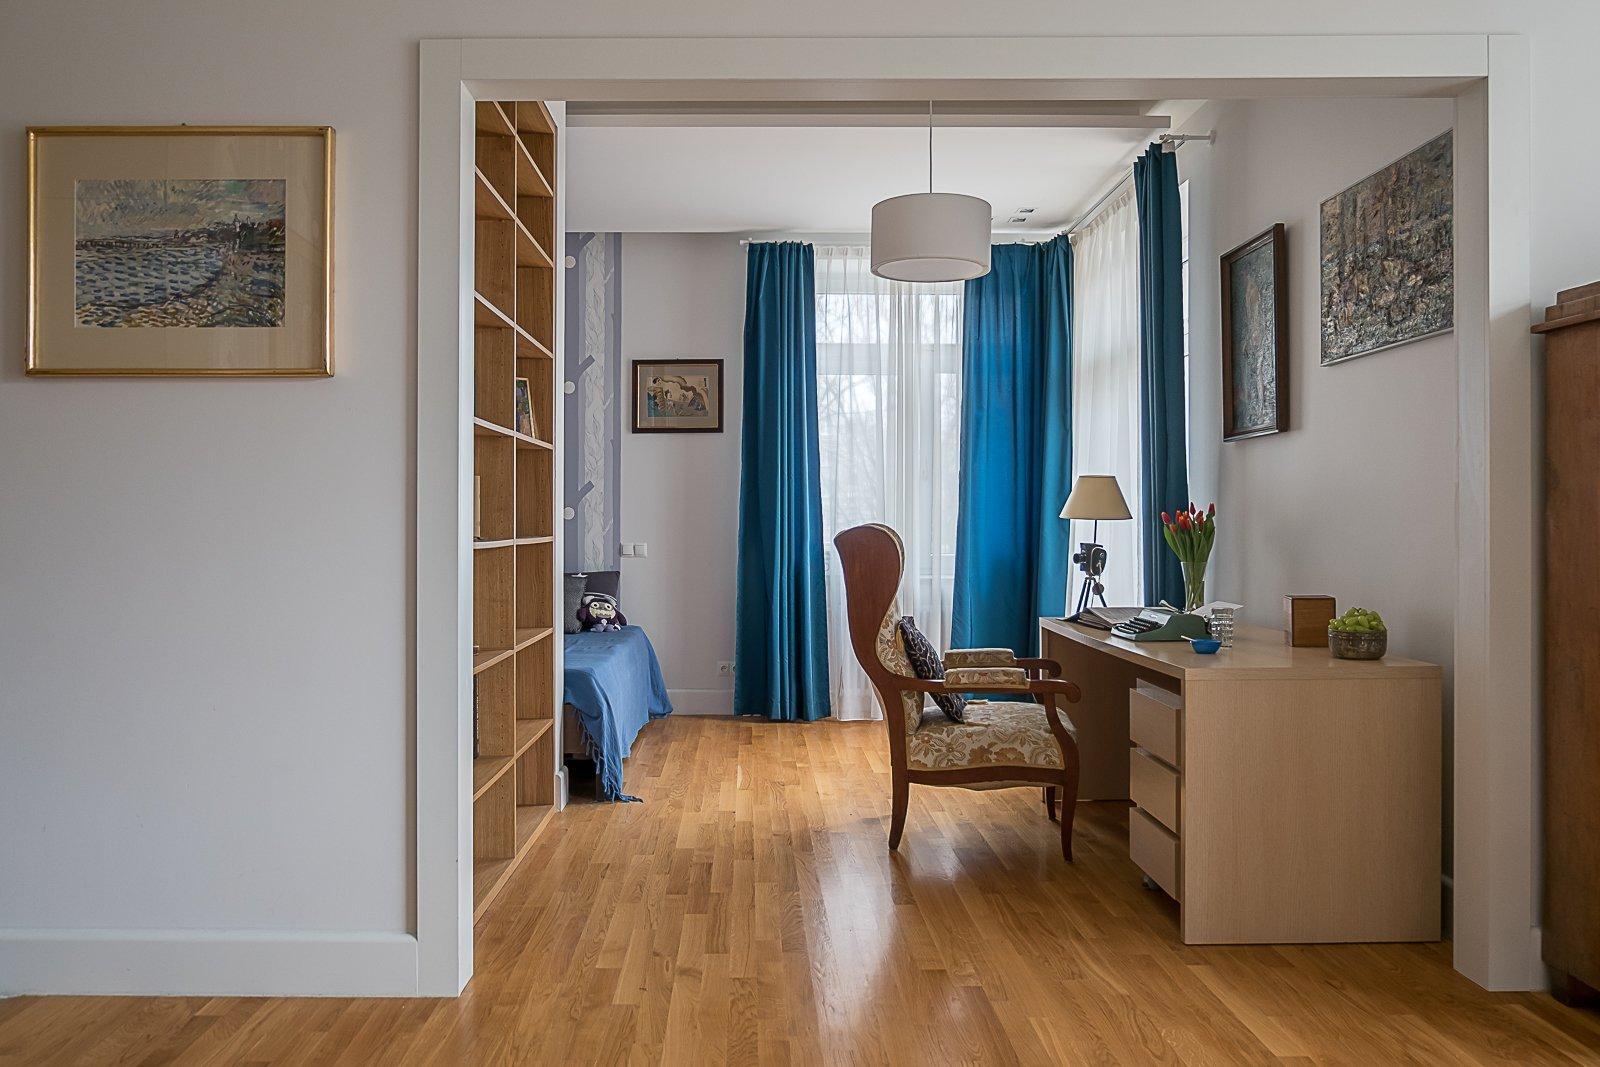 Interiér, na který se dnes podíváme, je inspirován kdysi velmi moderním činžovním domem, na kterém se za dobu jeho existence stihnul podepsat čas.  Přesto se architektovi podařilo v tomto, teď už starším bytě vytvořit krásný interiér, kde se navzájem propojují moderní prvky s těmi staršími.